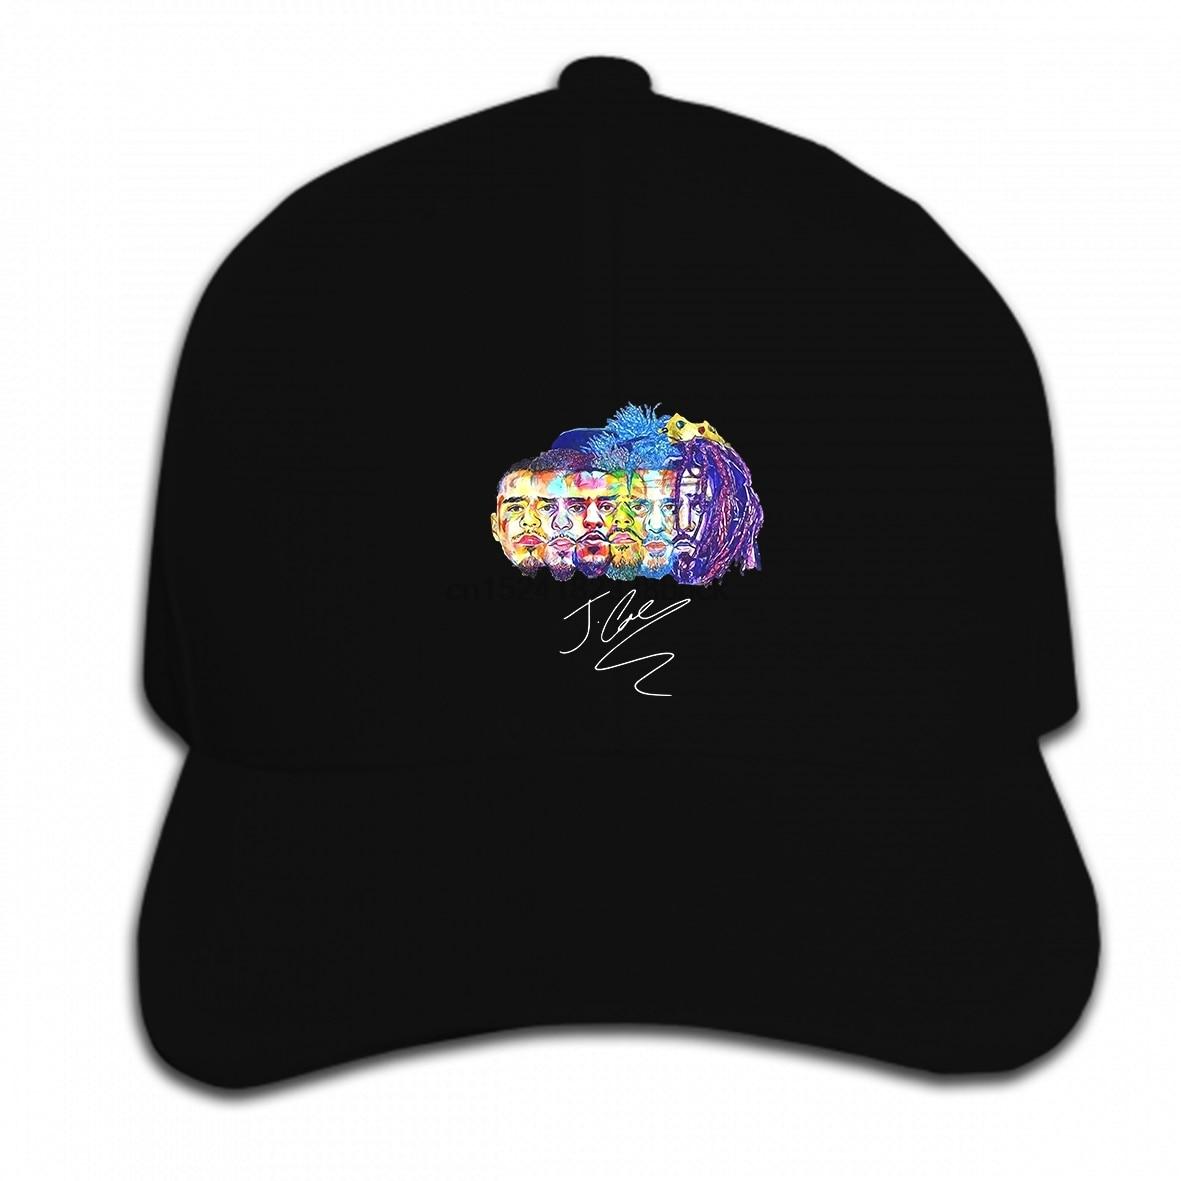 daf54ffd08223 Impresión de encargo gorra de béisbol Hip Hop de la evolución de J Cole  sombrero gorra